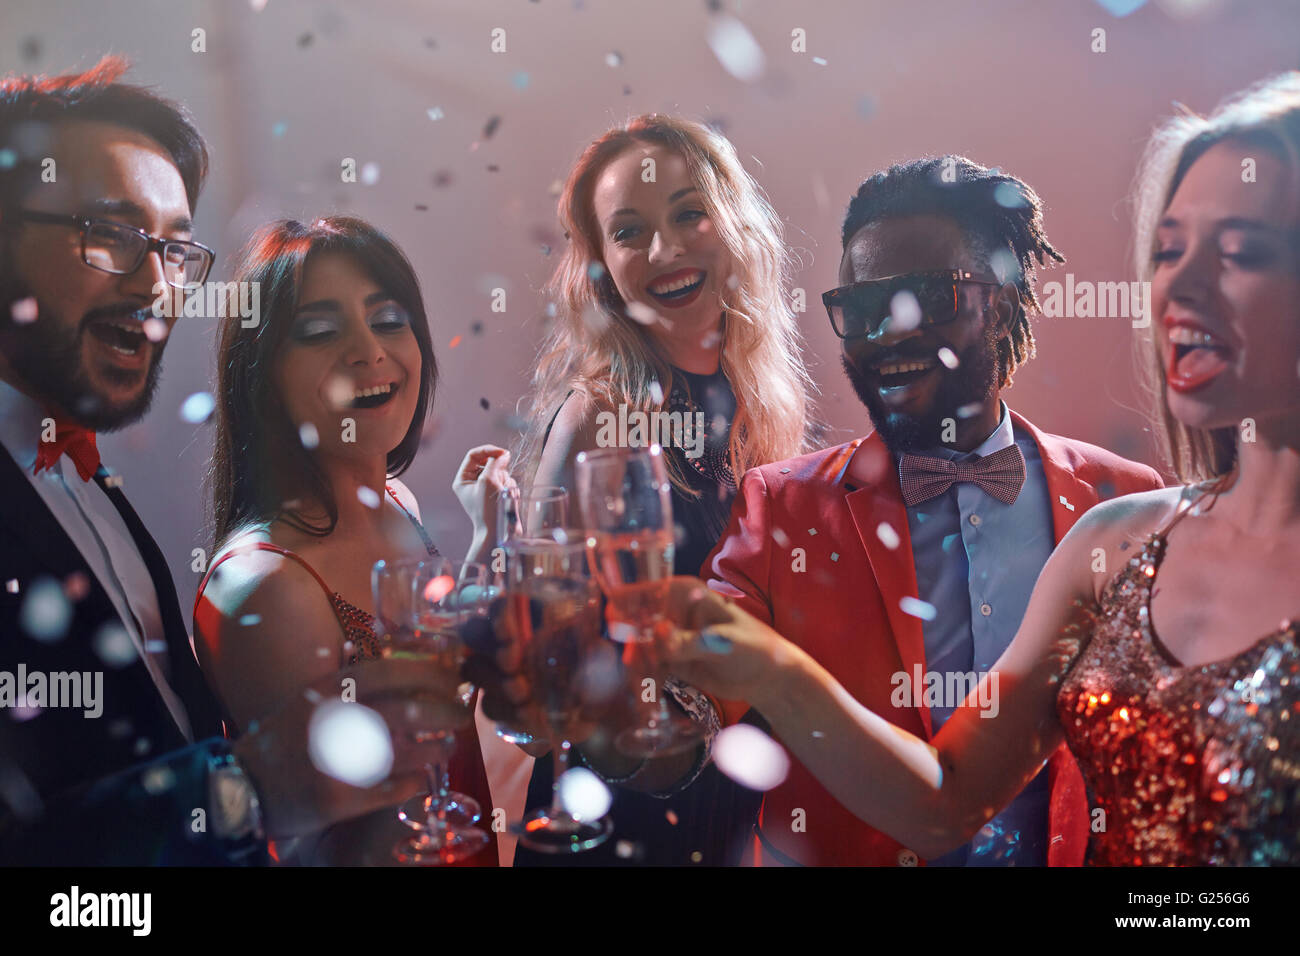 Tintineo con champán Imagen De Stock